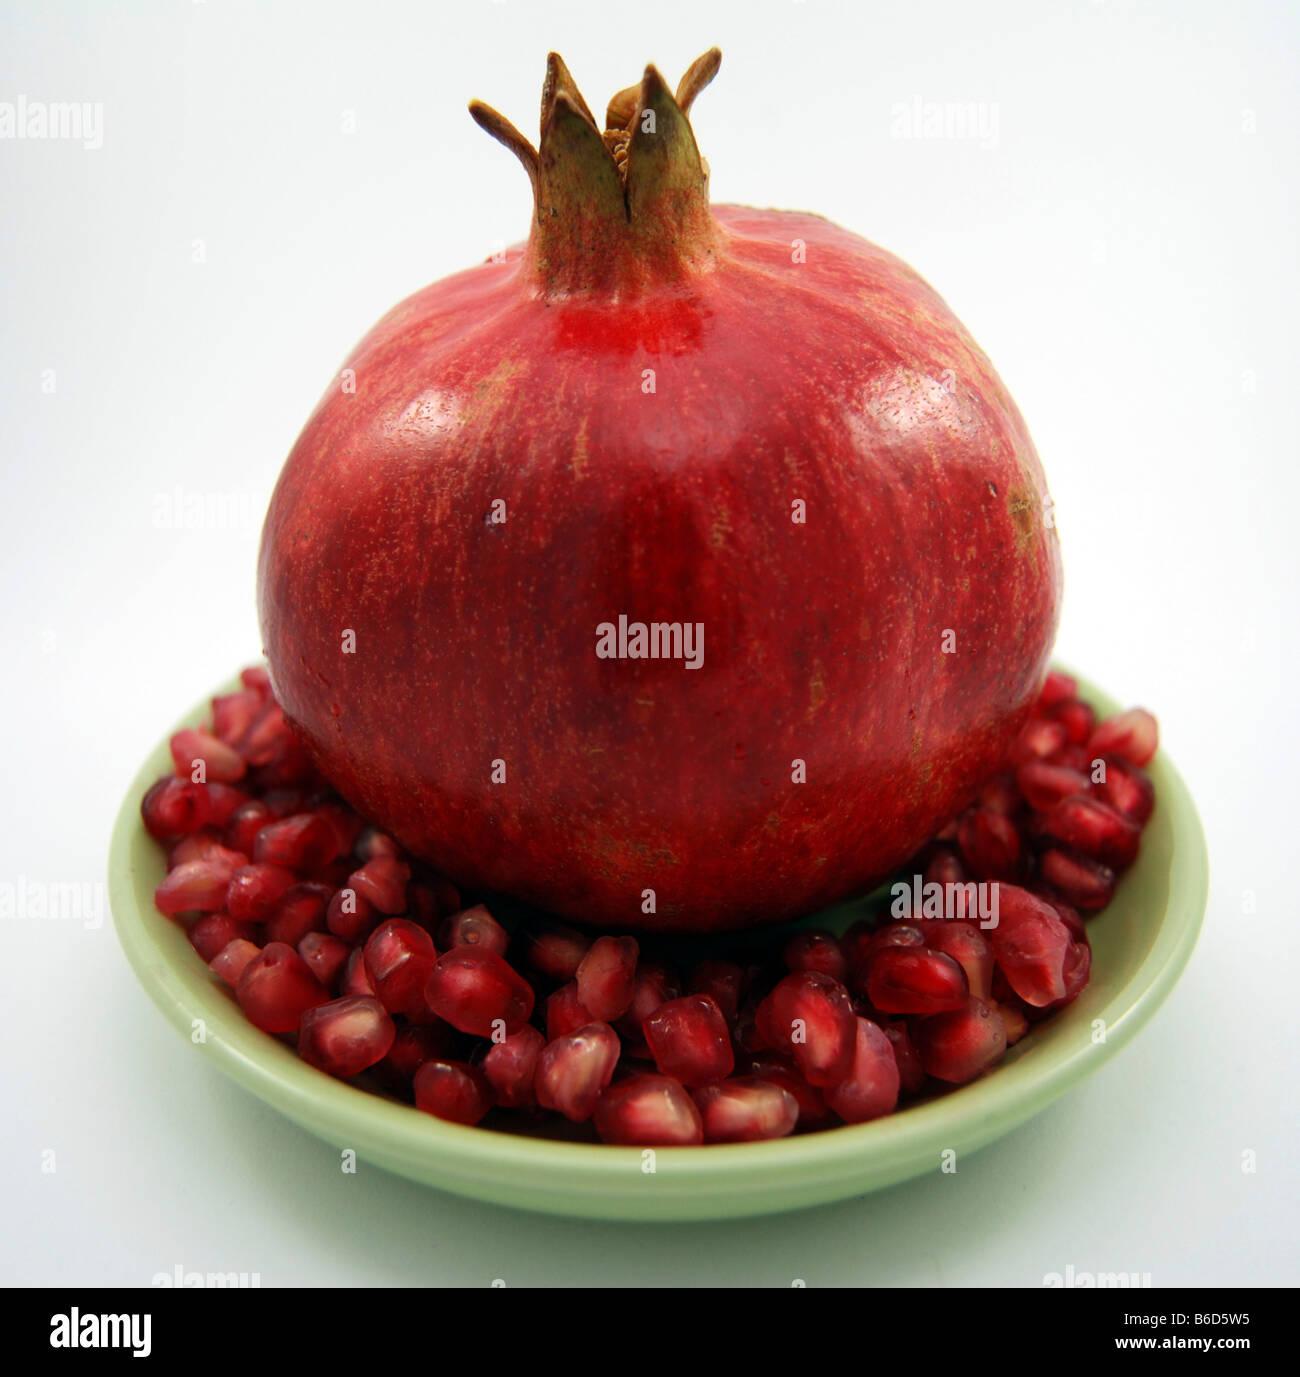 Rosh Hashanah Symbolic Food Pomegranate - Stock Image